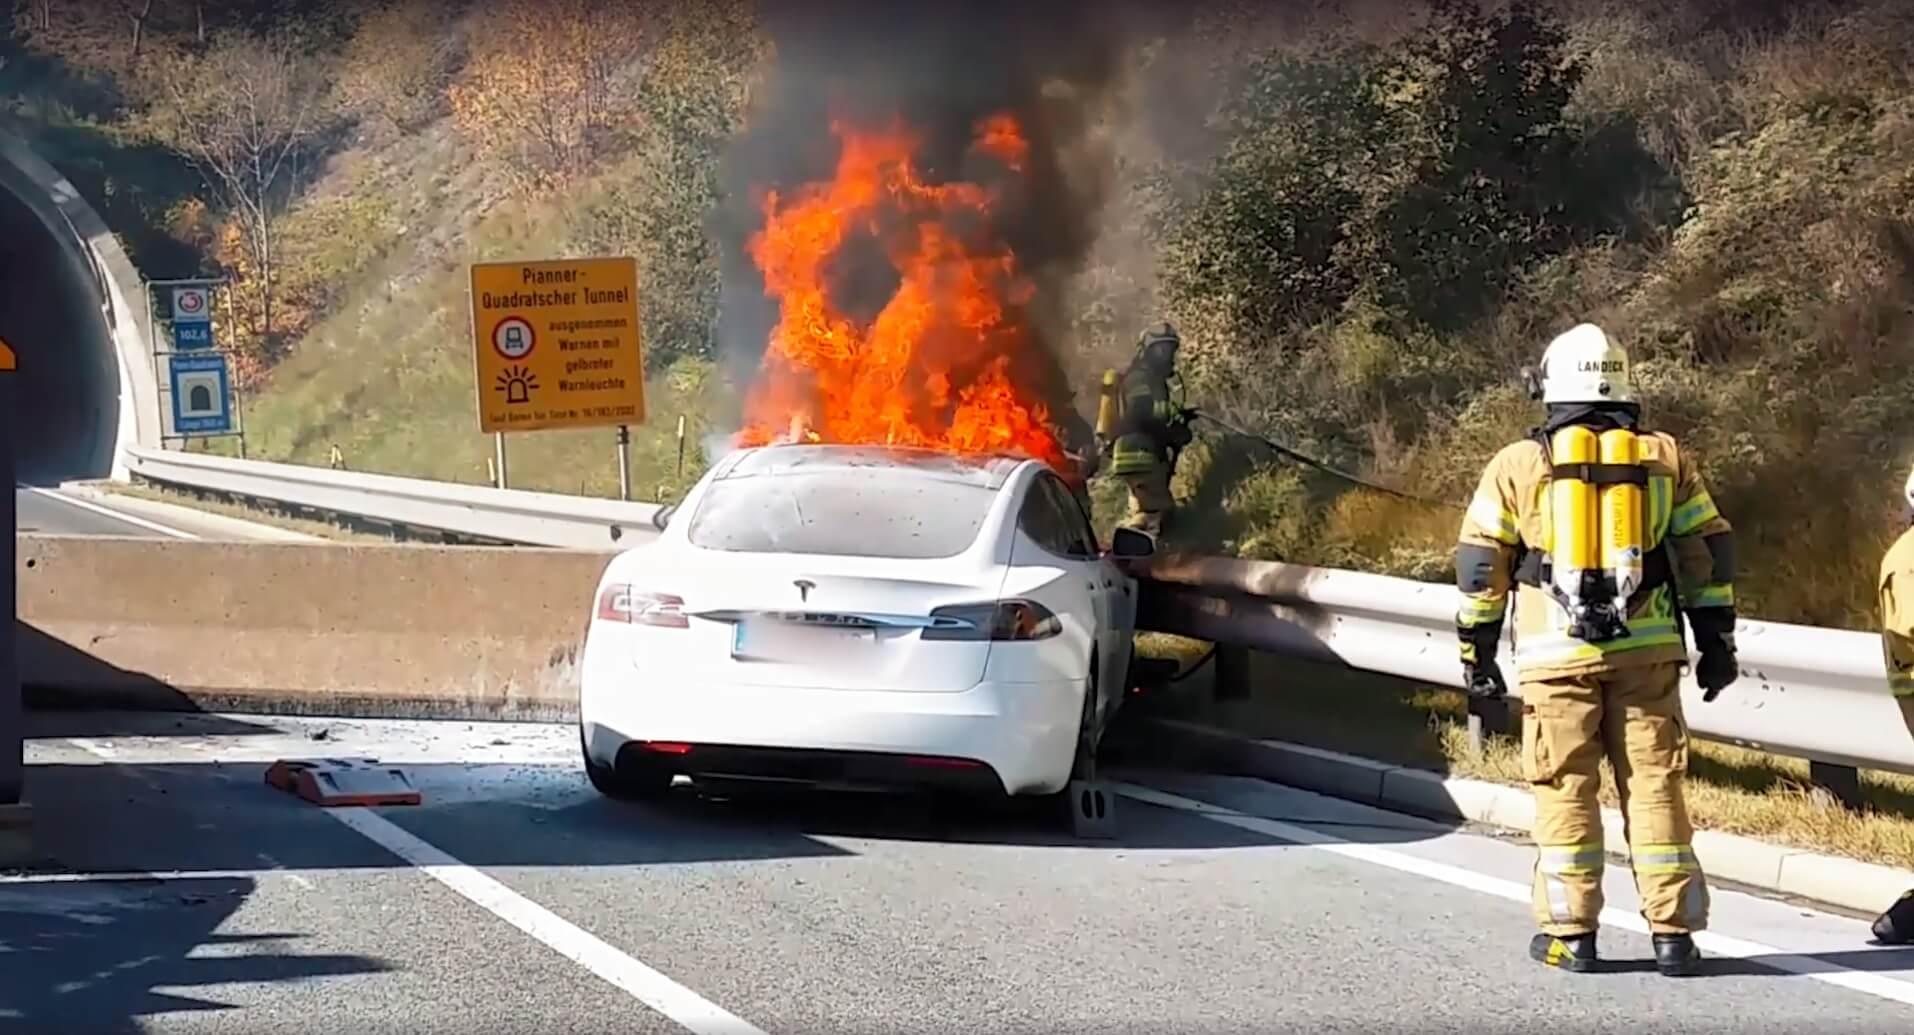 Возгорание электромобиля Tesla Model S, который врезался в бетонный строительный барьер в Австрии